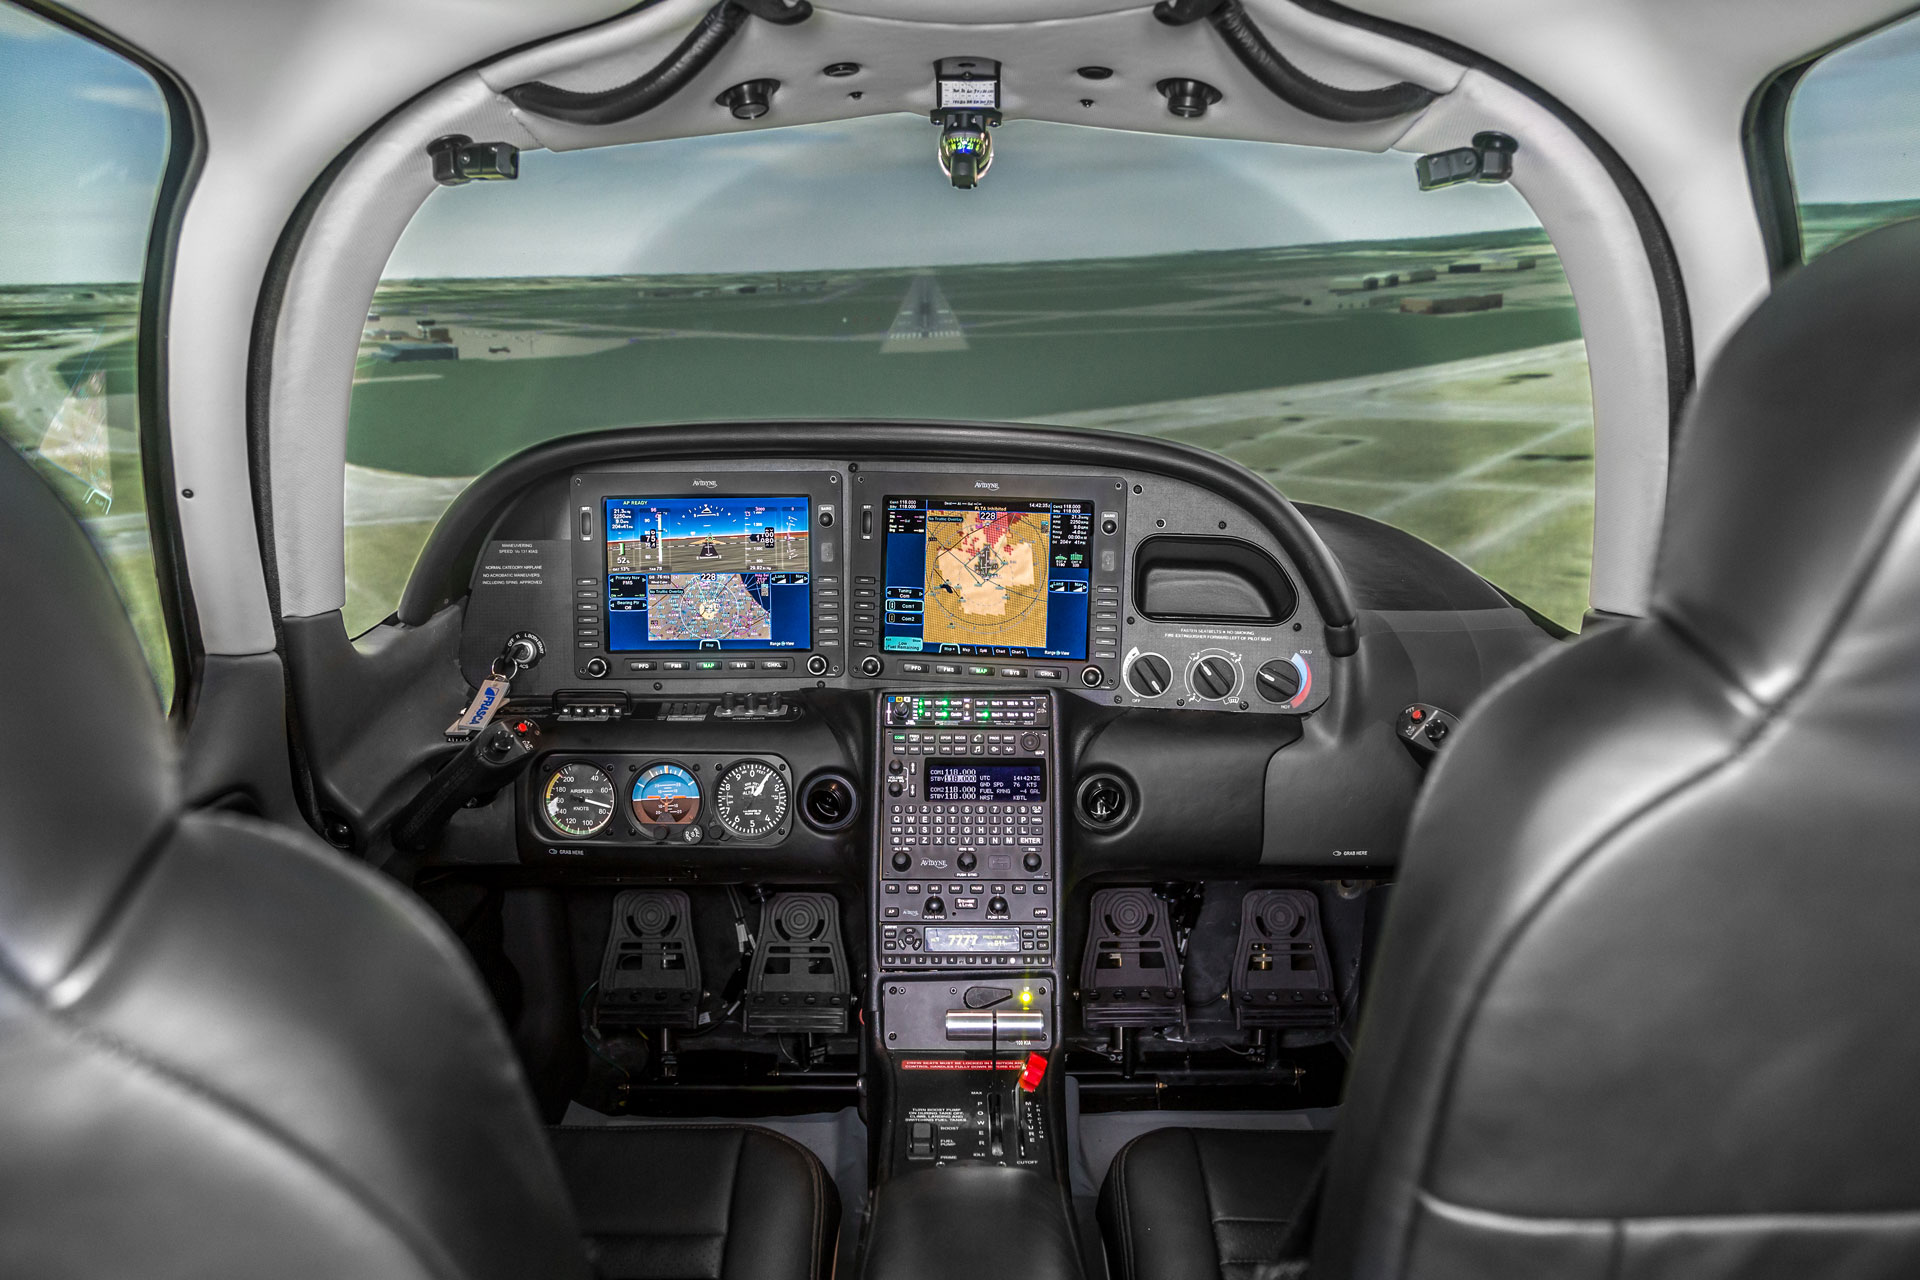 Cirrus-SR20 Frasca Simulator